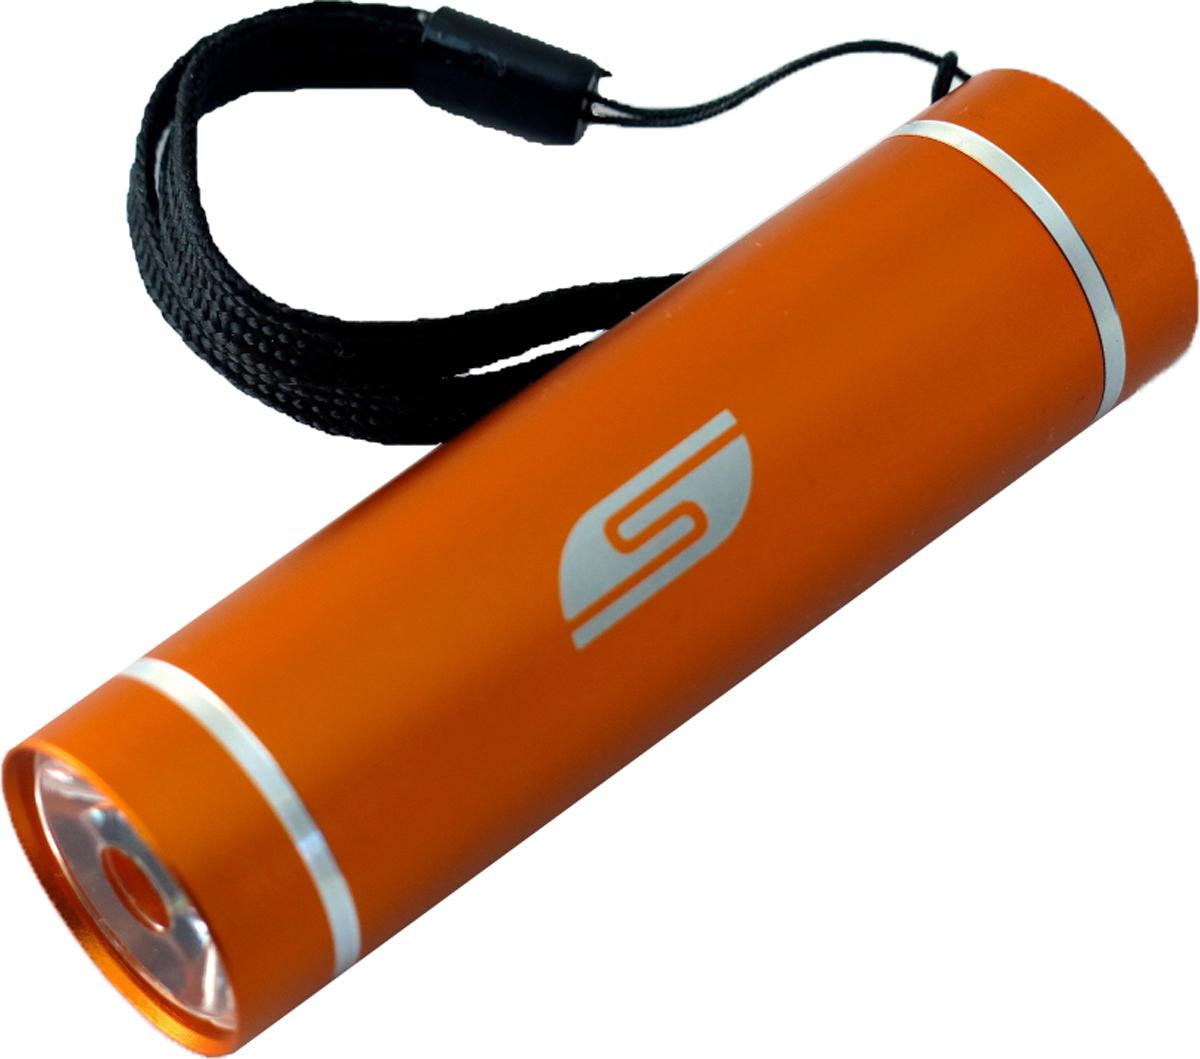 Фонарь SolarisT-5, ручной, цвет: оранжевый3108orangeКарманный фонарь, подходит для ежедневного ношения. Фонарь выполнен из качественного алюминия с защитным анодированием корпуса. Влагозащищённый - стандарт IPX6. Фонарь снабжен современным светодиодом мощностью 1 Ватт. Мощность светового потока 60 люмен, дальность эффективного излучения света 100 метров. Благодаря длине всего 9 сантиметров и малому весу фонарь идеально подходит для ежедневного ношения в качестве карманного. Кнопка включения в хвостовой части фонаря утоплена в корпус, что исключает случайное нажатие в кармане. Коллиматорная линза направленного действия и светодиод мощностью 1 Ватт обеспечивают фонарю очень приличную дальность освещения 100 метров. Фонарь может применяться в качестве запасного туристического фонаря и источника света для бытовых нужд. Особенности конструкции и эксплуатации фонаря SOLARIS T-5: - Один режим работы фонаря. - Кнопка включения расположена в хвостовой части фонаря. - Фонарь работает от 3-х батарей ААА (в комплект не входят). Кассета для батареек прилагается, находится внутри фонаря. - Время работы фонаря от 3-х батарей ААА: 5 часов. Размеры фонаря: 9 см х 2,6 см.